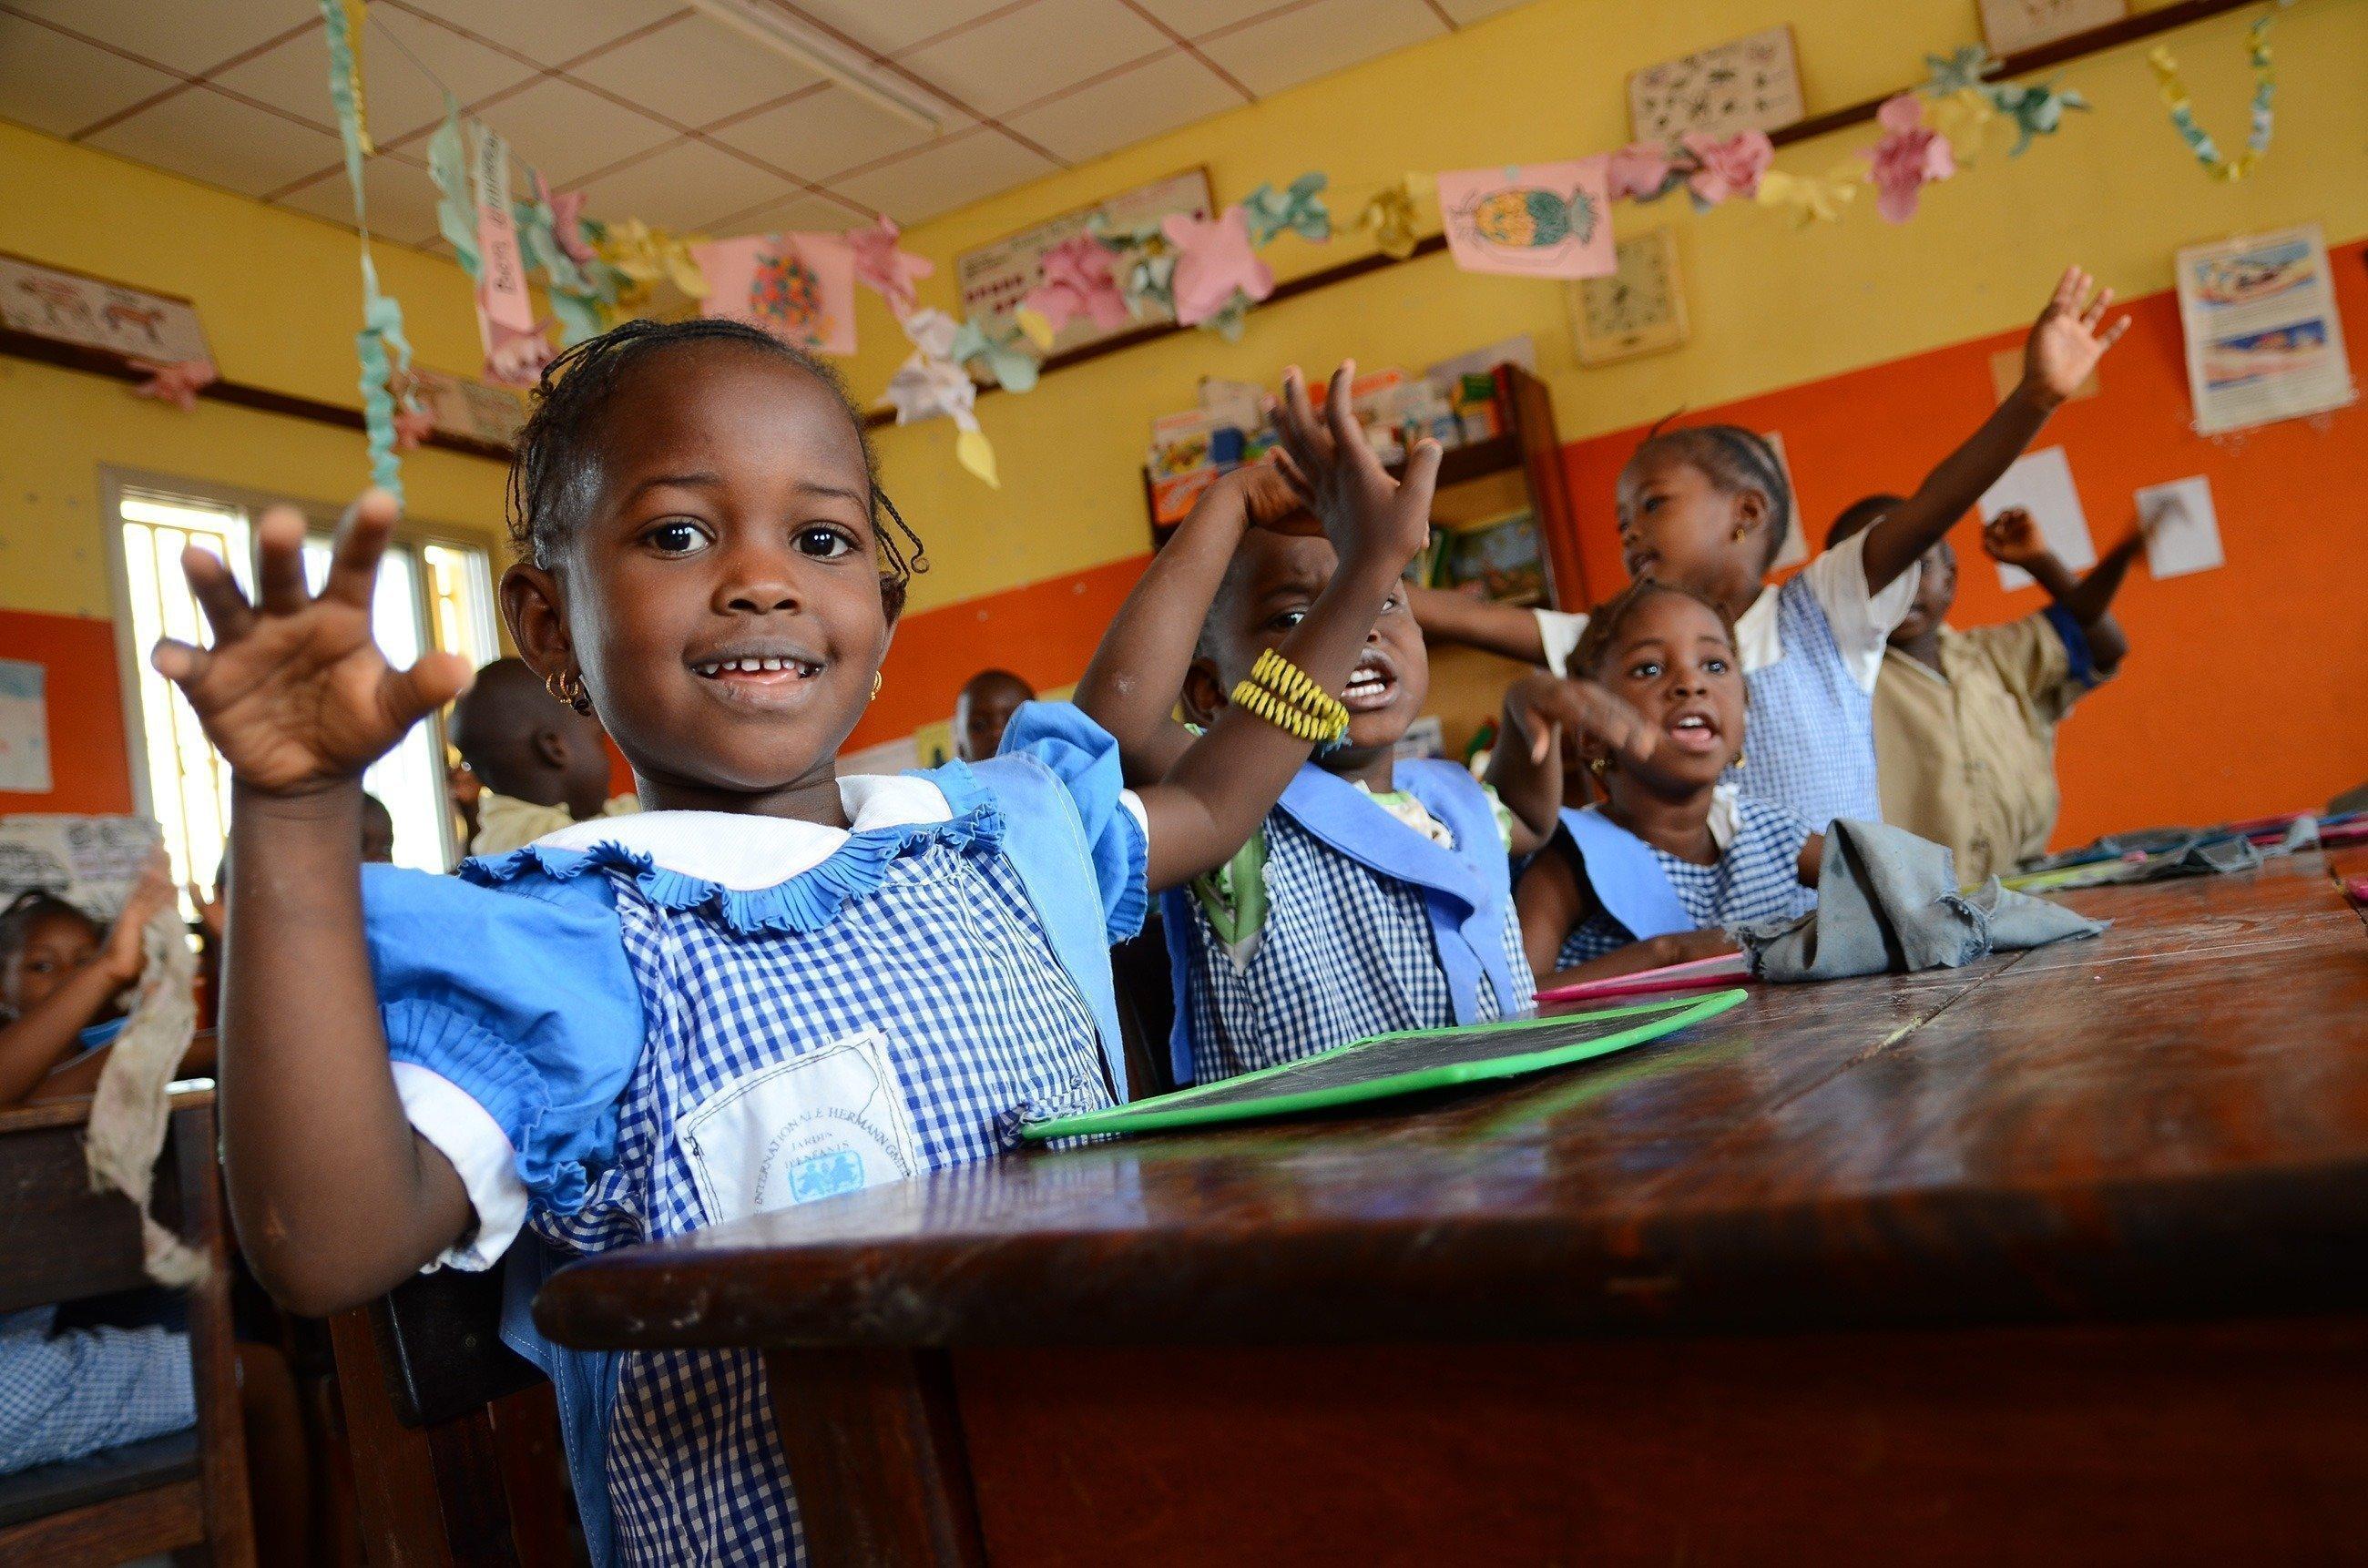 Mehrere kleine Kinder in Schuluniform freuen sich.